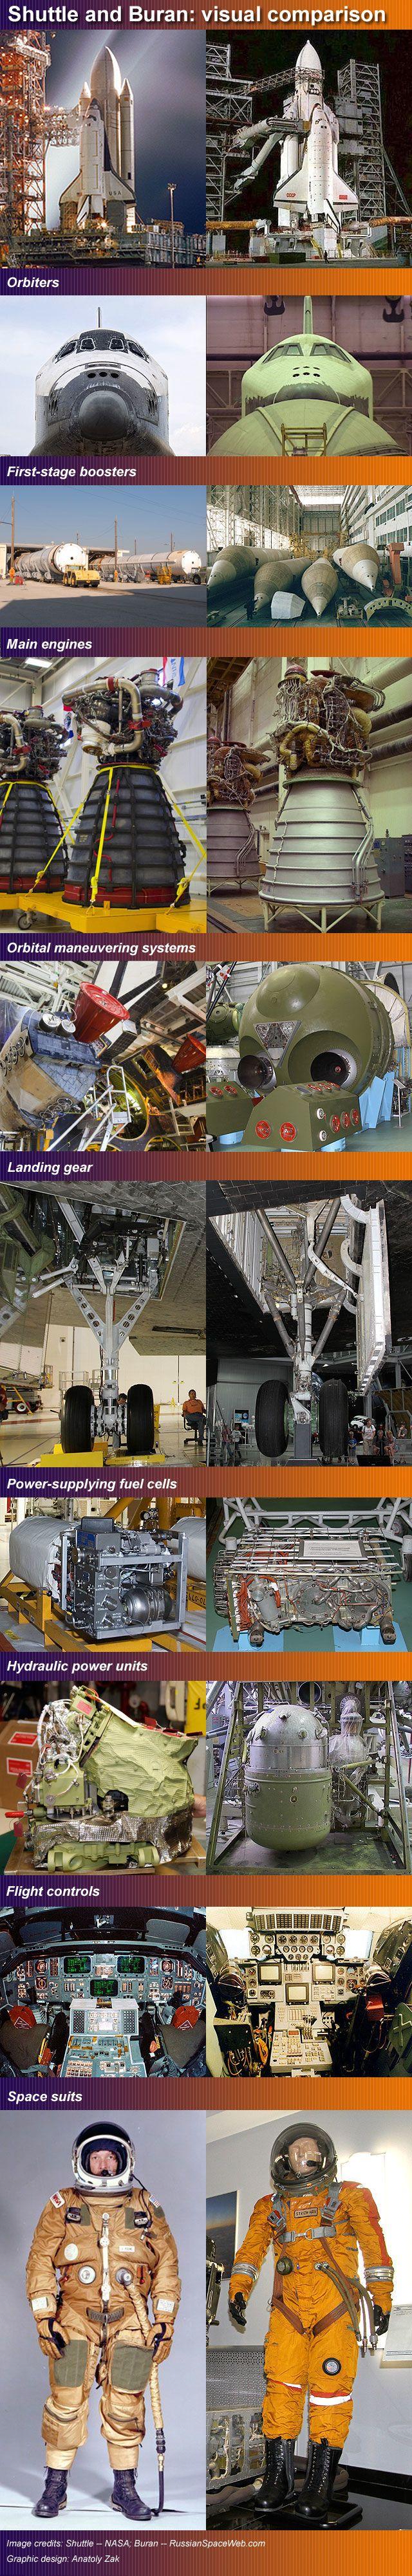 ¿Los soviéticos construyeron un mejor transbordador espacial?